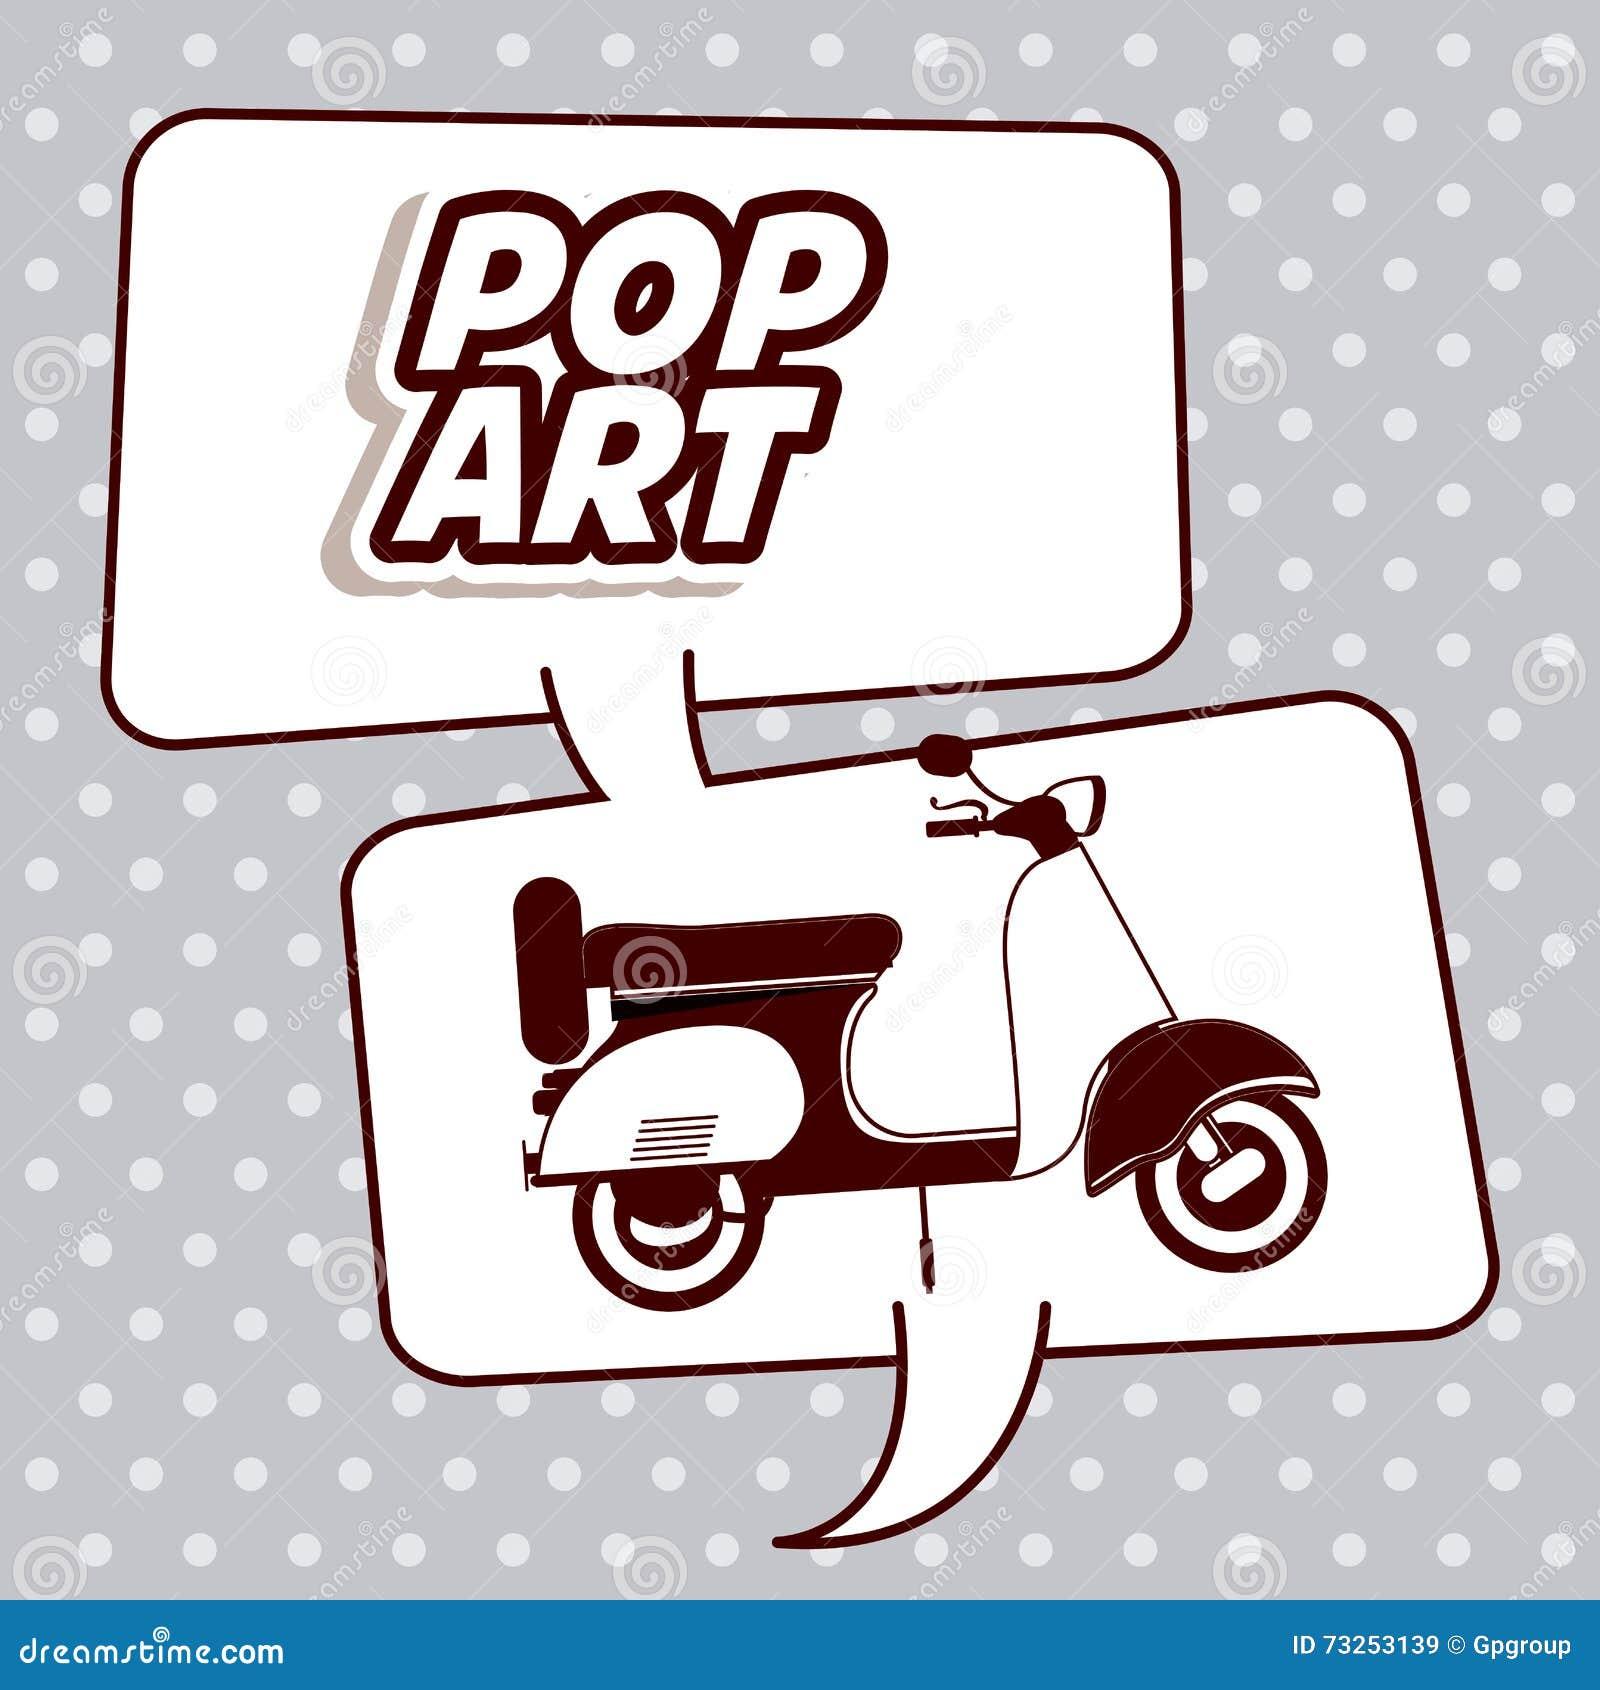 scooter pop art design stock vector image 73253139. Black Bedroom Furniture Sets. Home Design Ideas